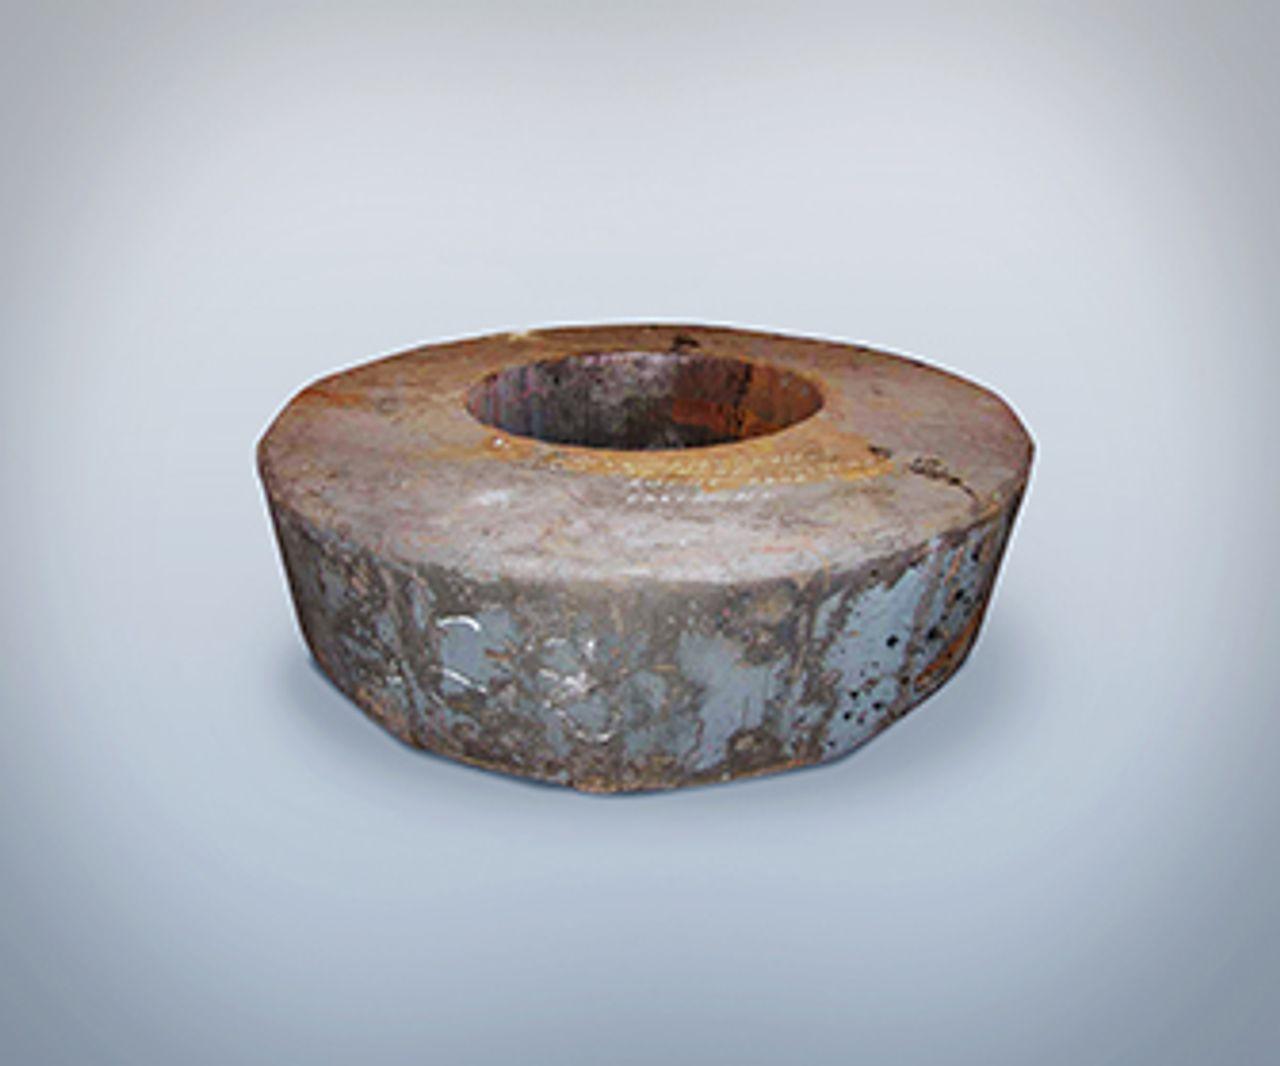 Un anillo de acero sobre un fondo gris